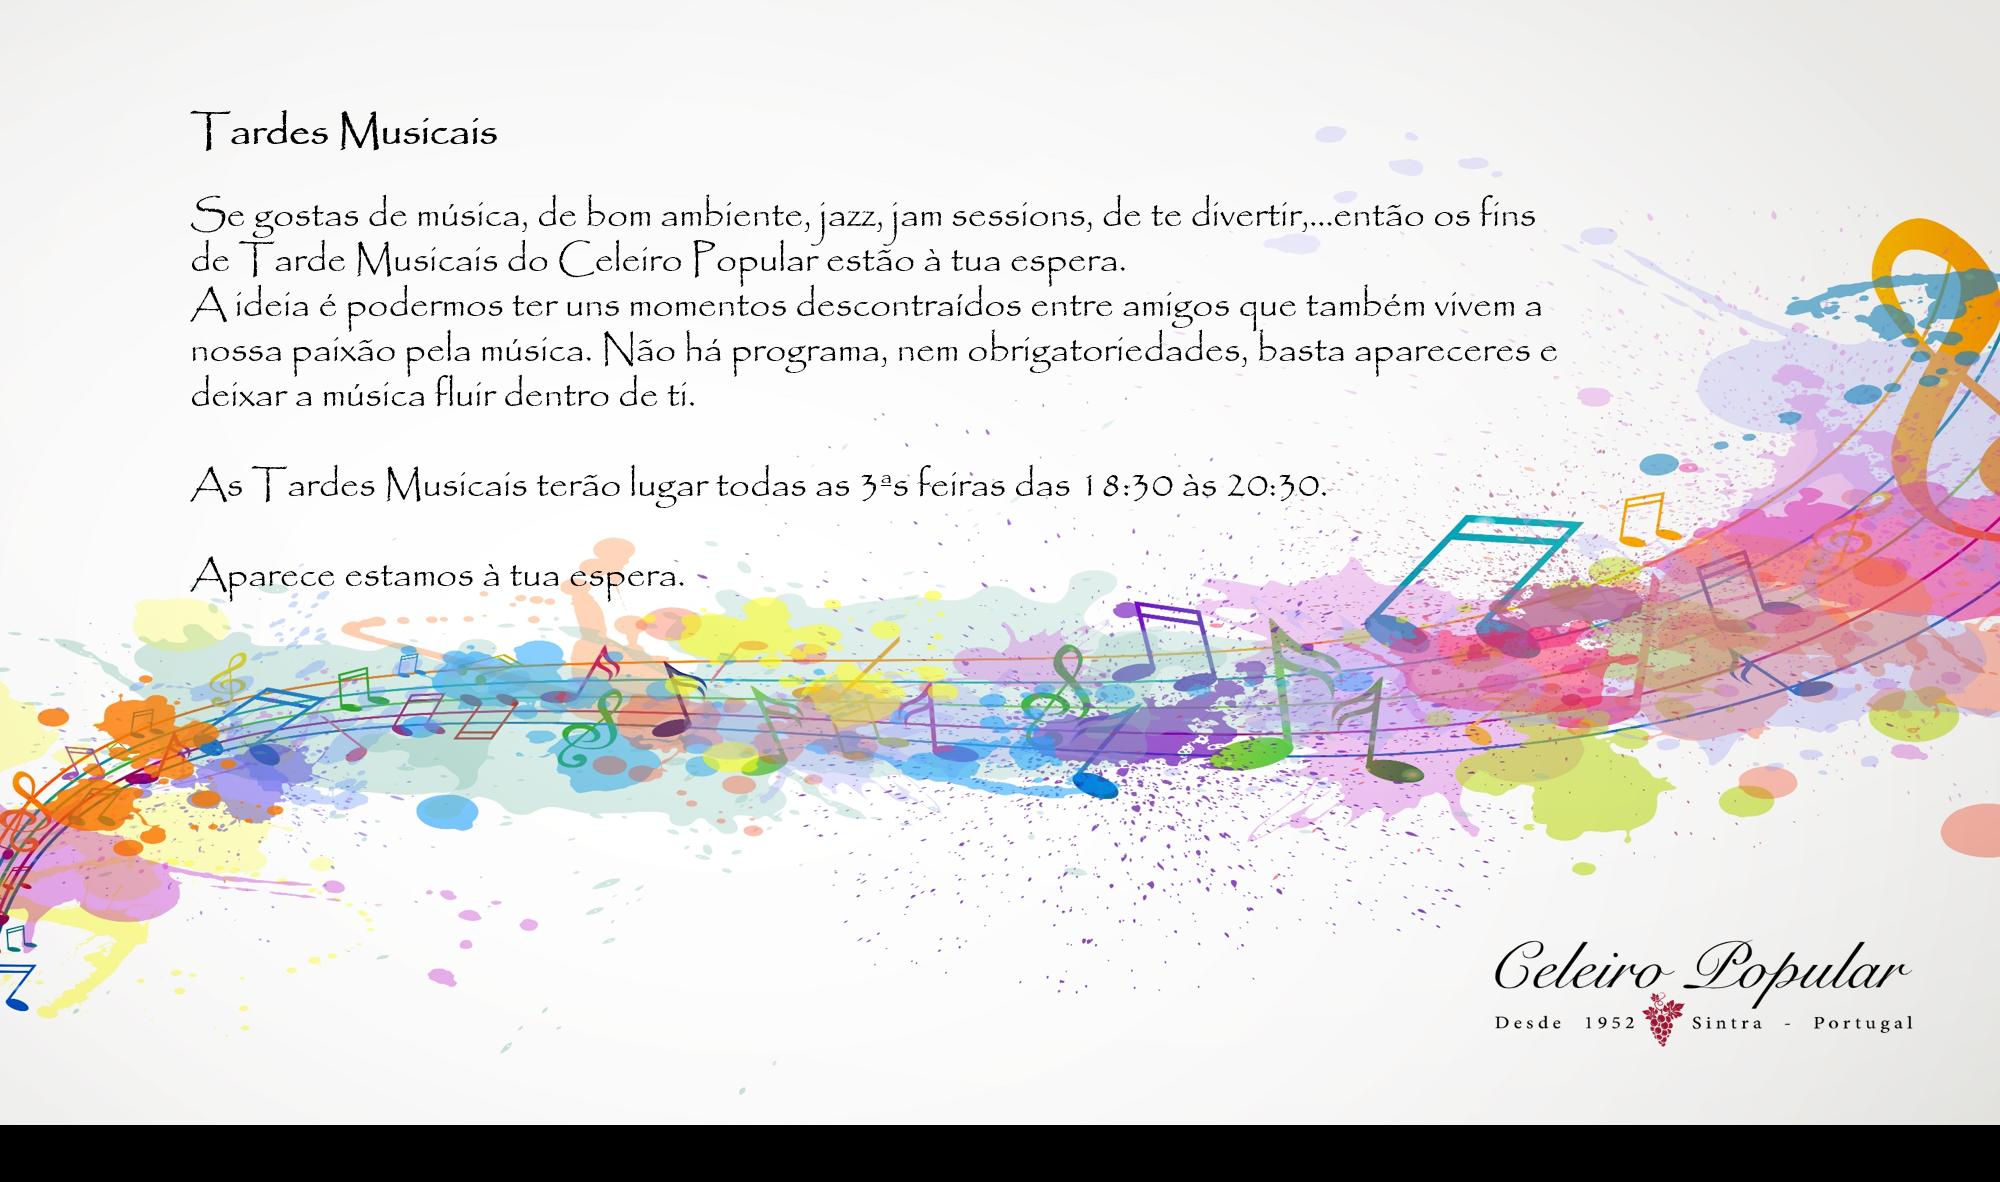 Tardes Músicais